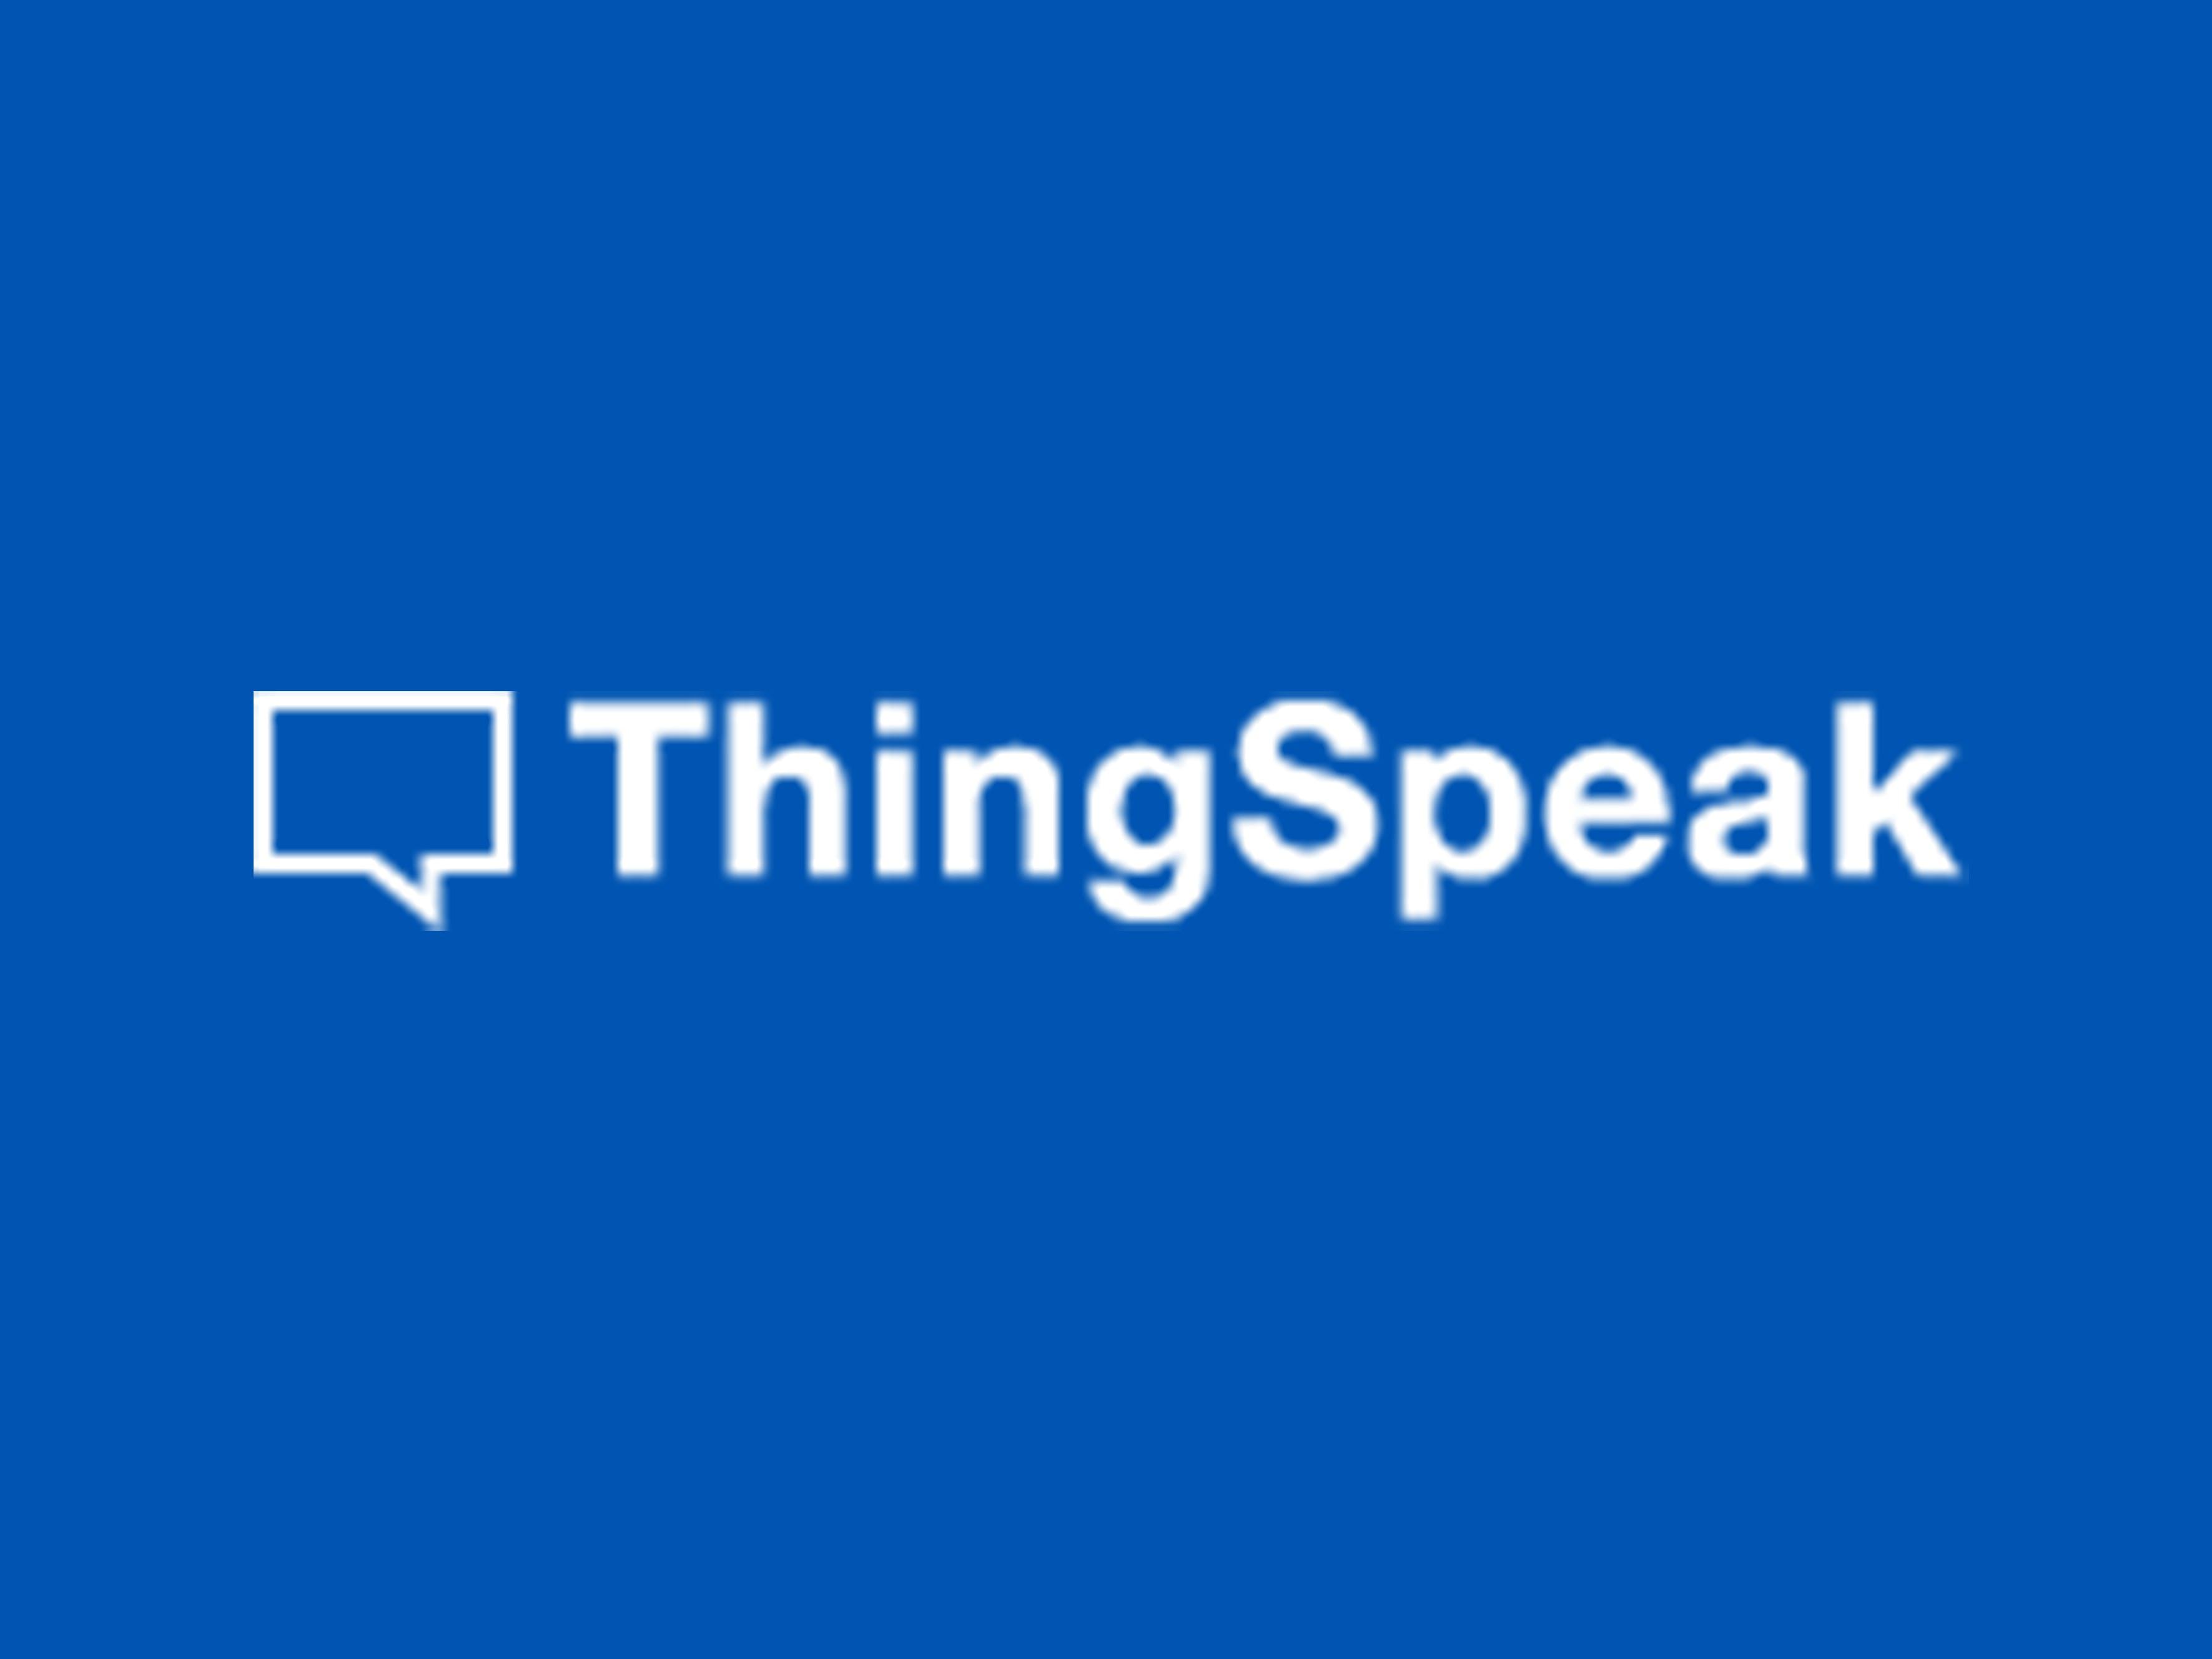 UltraSonic Value to Thingspeak